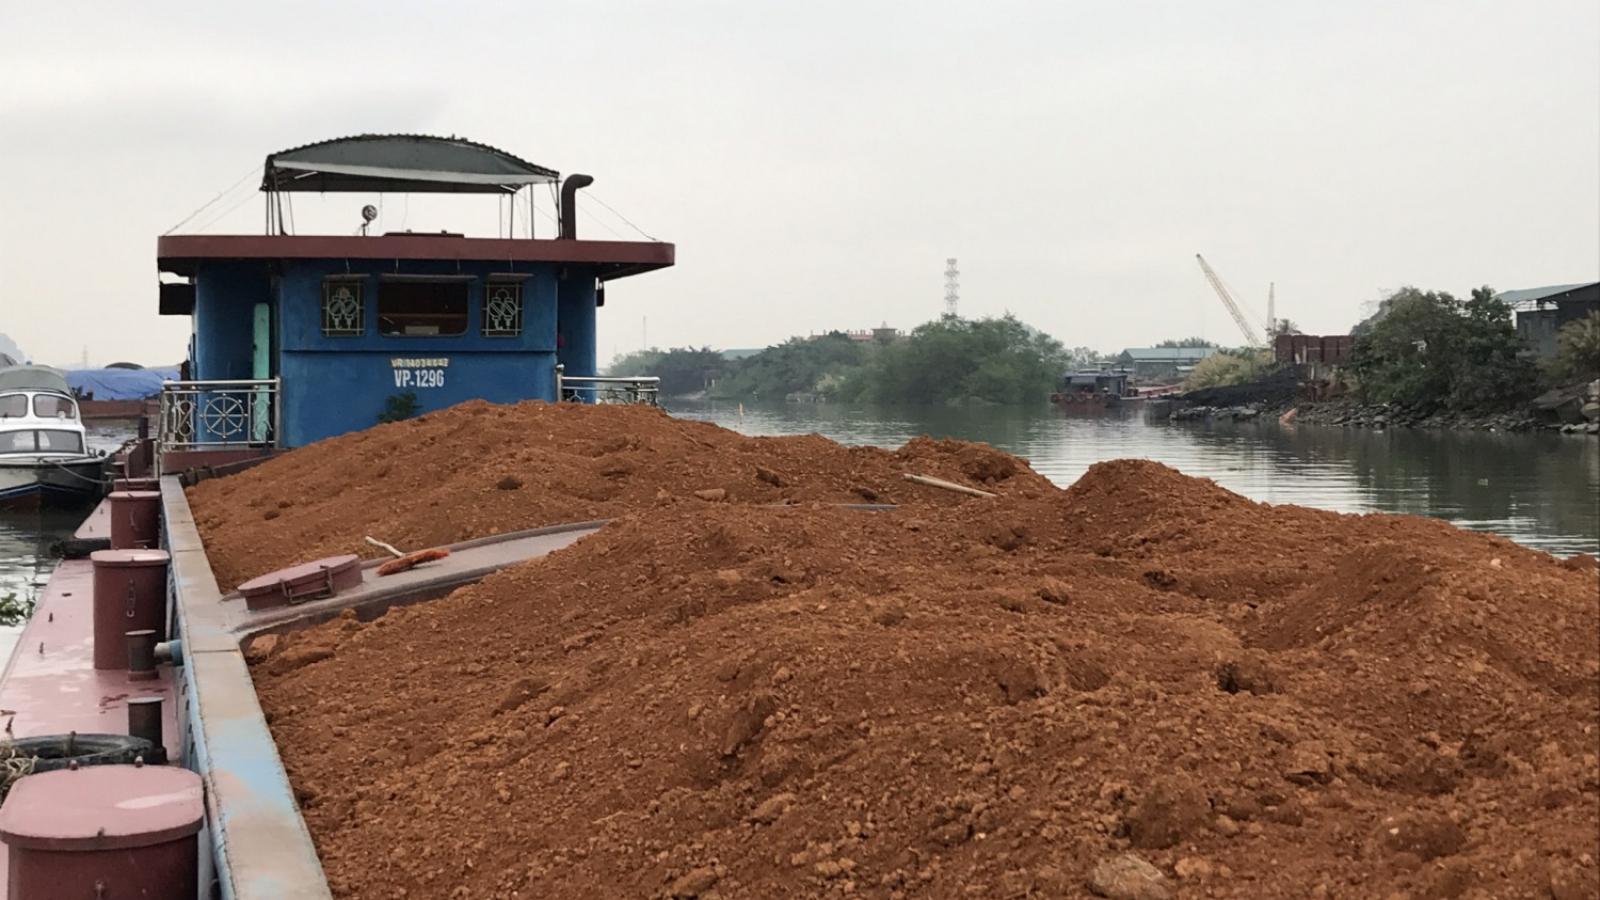 Bắt giữ 2 vụ vận chuyển cát và quặng đất không rõ nguồn gốc tại Quảng Ninh